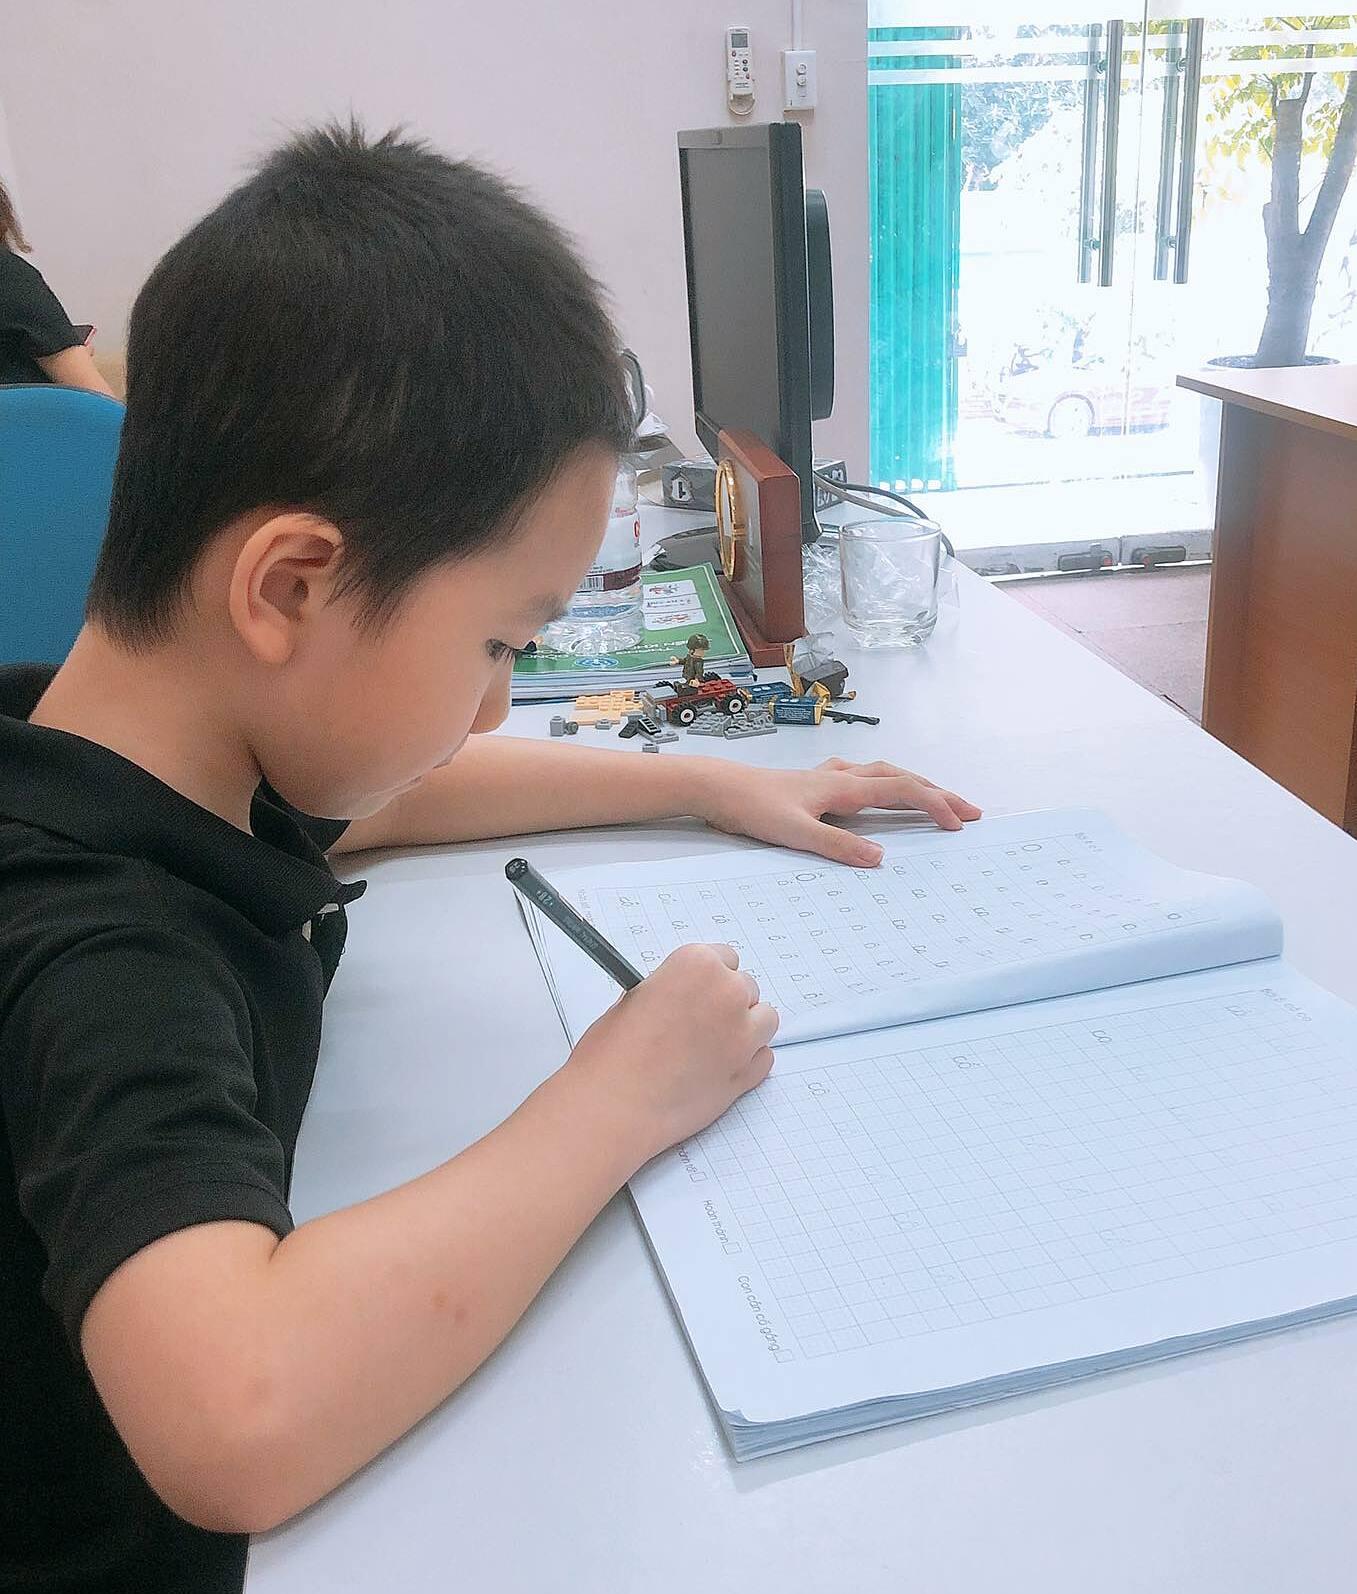 Trường Anh làm bài tập tại cơ quan mẹ sáng 21/9. Ảnh: Gia đình cung cấp.